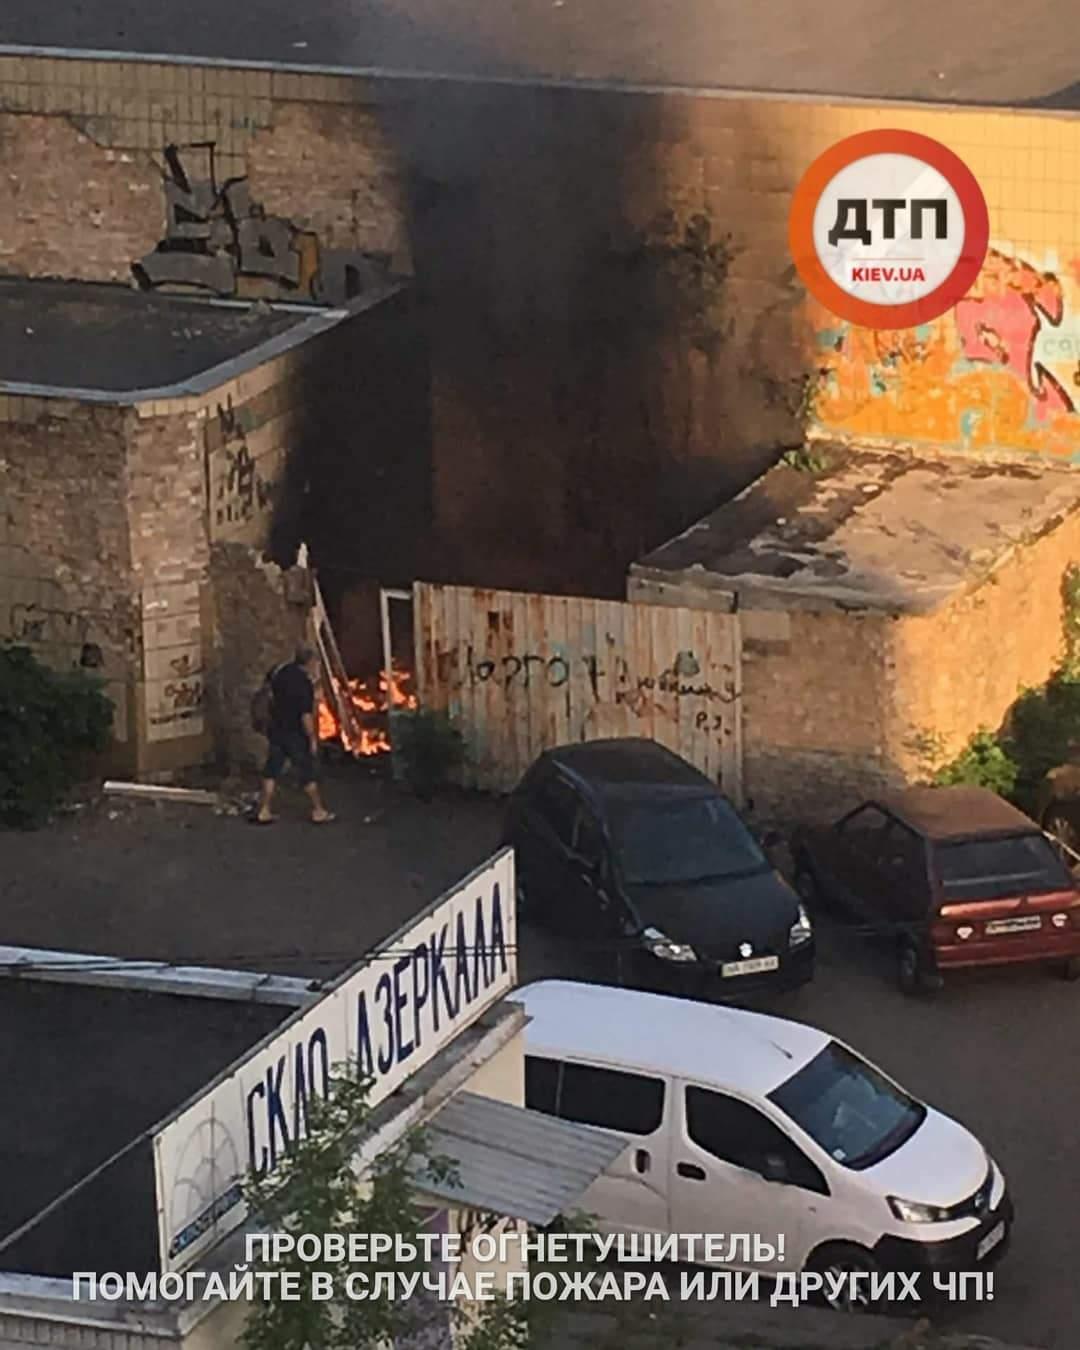 В Киеве люди с помощью сигнализаций спасали припаркованные автомобили от пожара (фото)